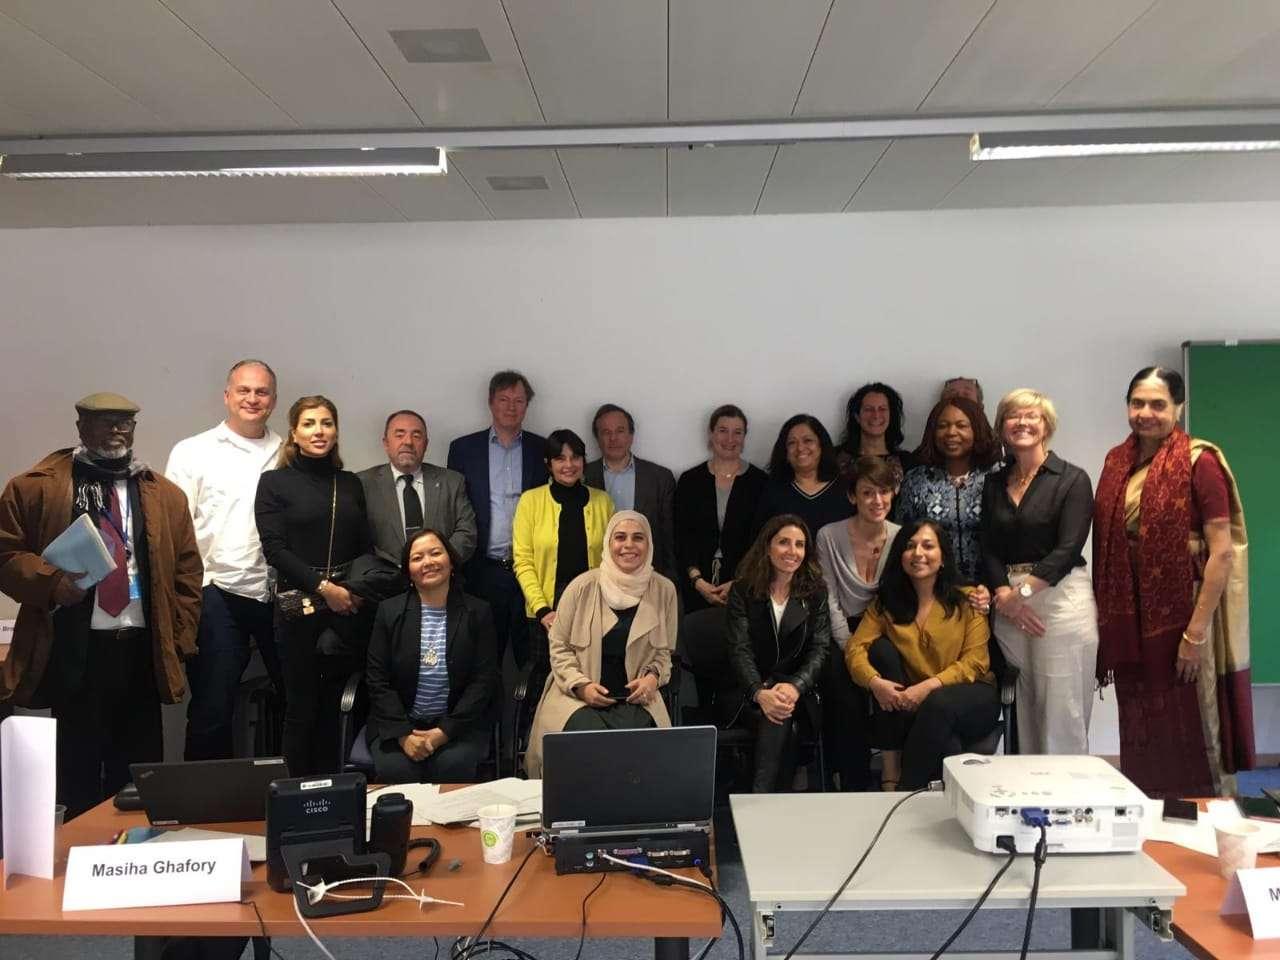 بدعوة من المفوضية السامية لحقوق الانسان.. الأورومتوسطي يشارك في اجتماع الخبراء الدوليين في جنيف